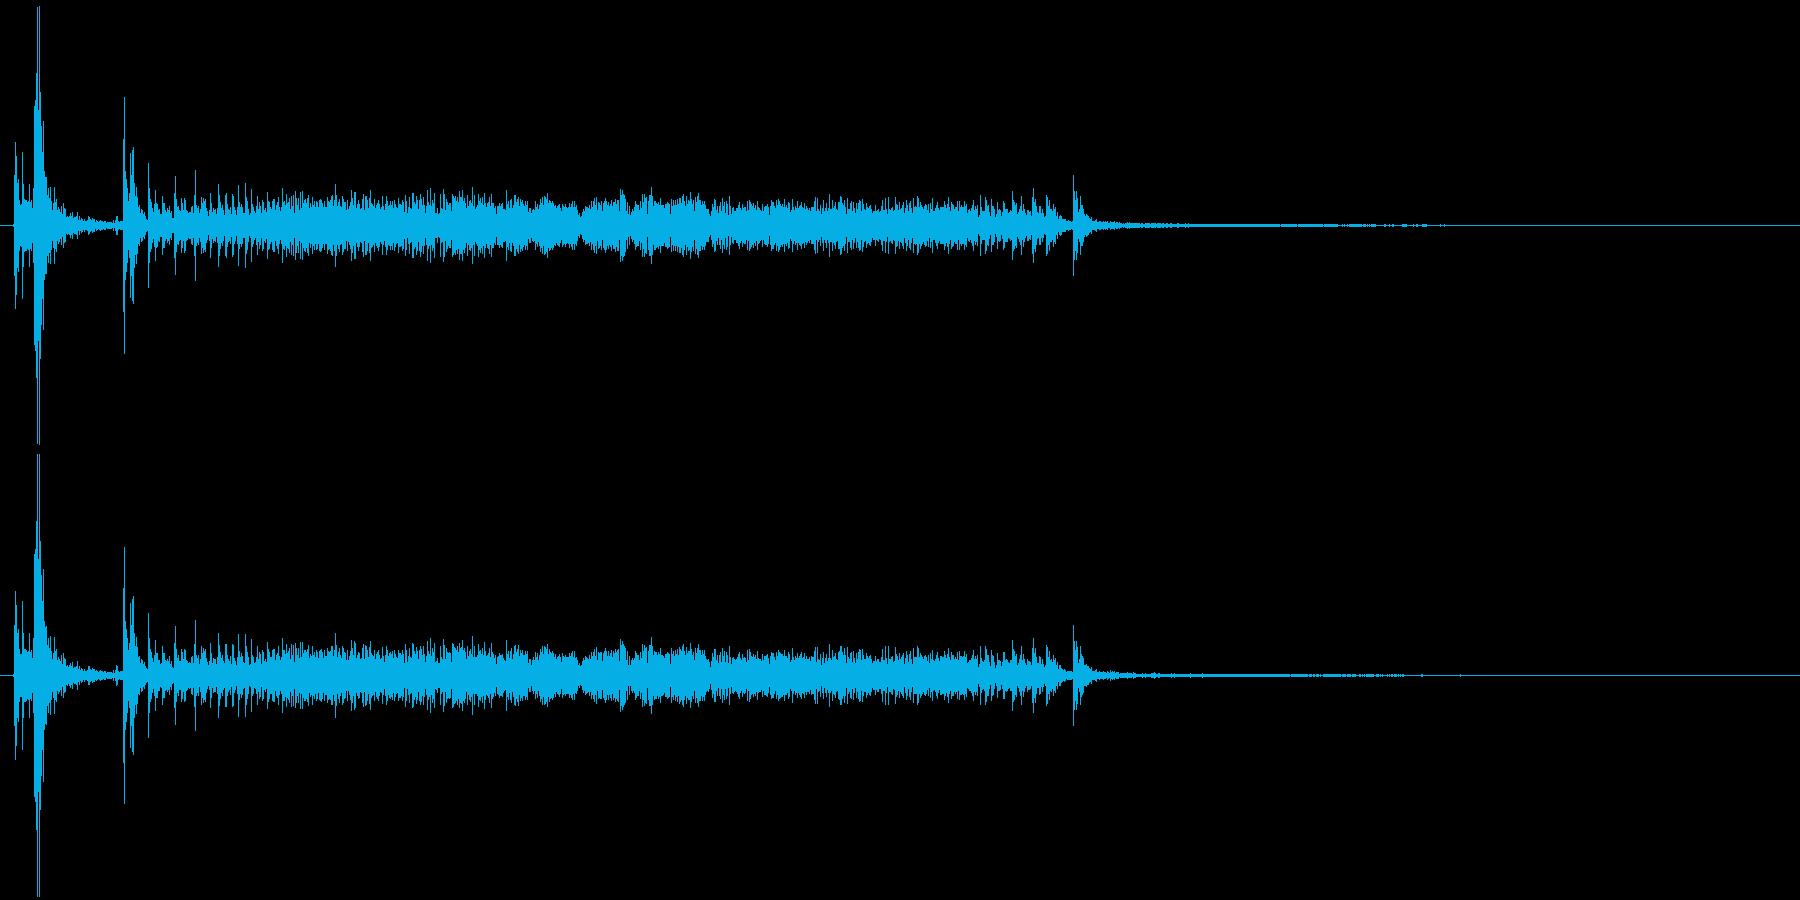 鉄製の扉が開く音-3の再生済みの波形